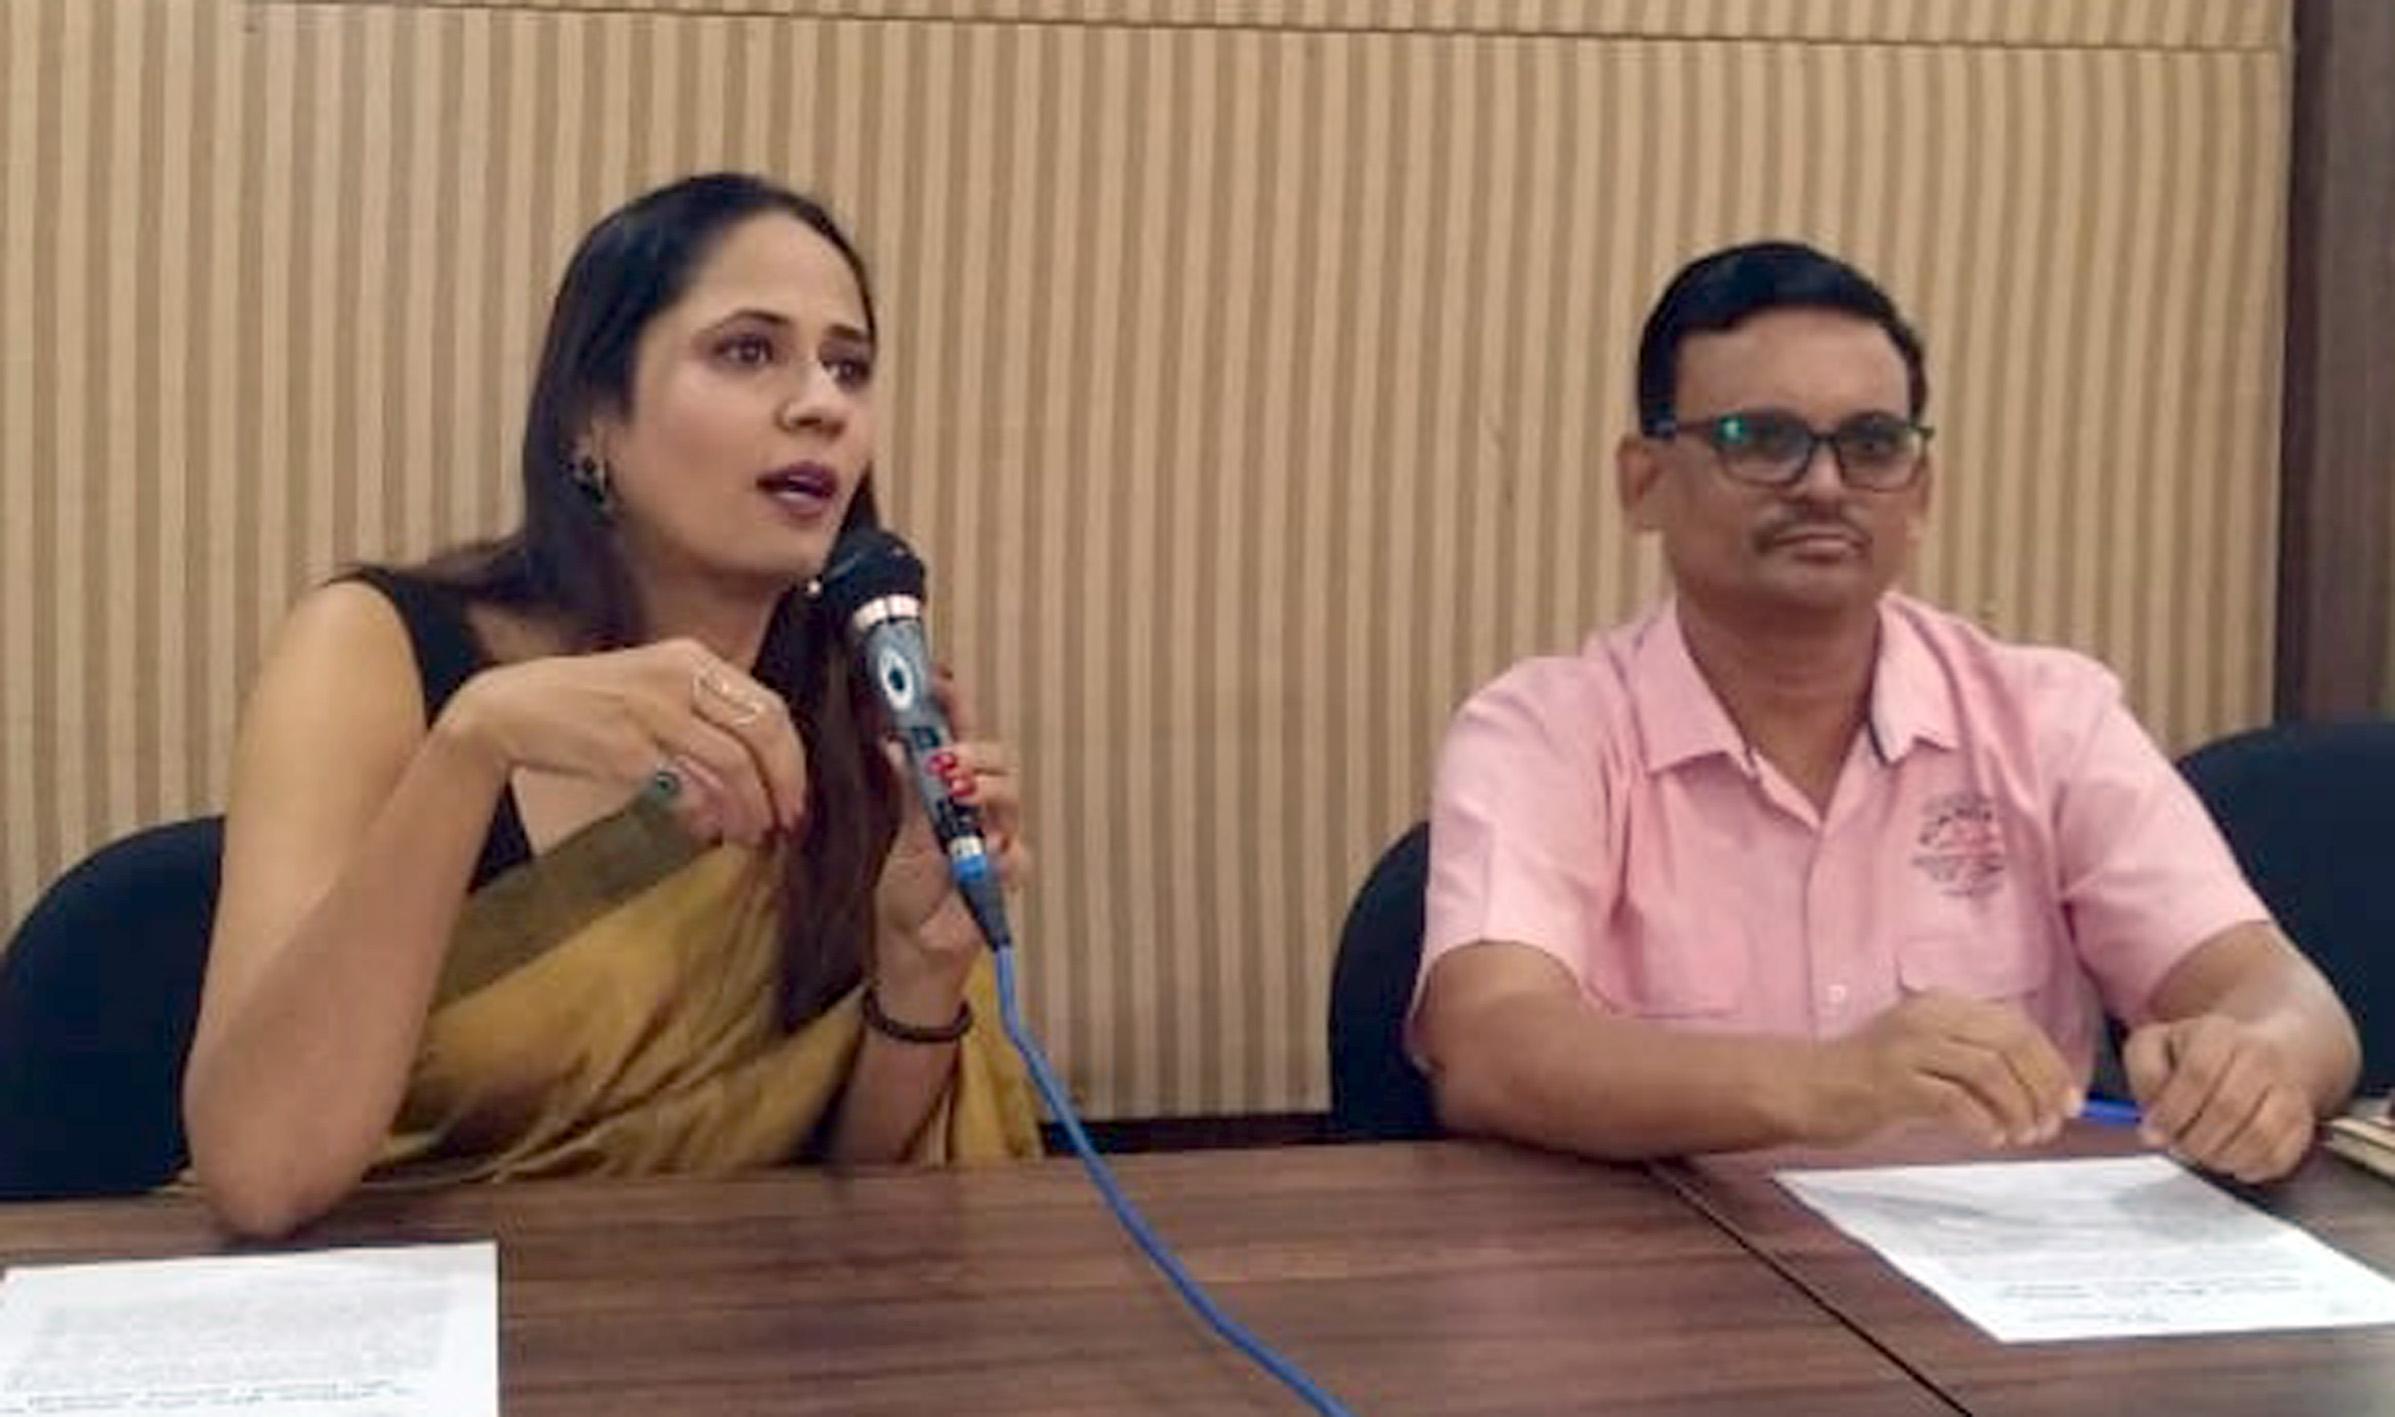 'द गॉर्जियस क्वीन ऑफ महाराष्ट्र'चा 'ग्रँड फिनाले' रंगणार सोमवारी